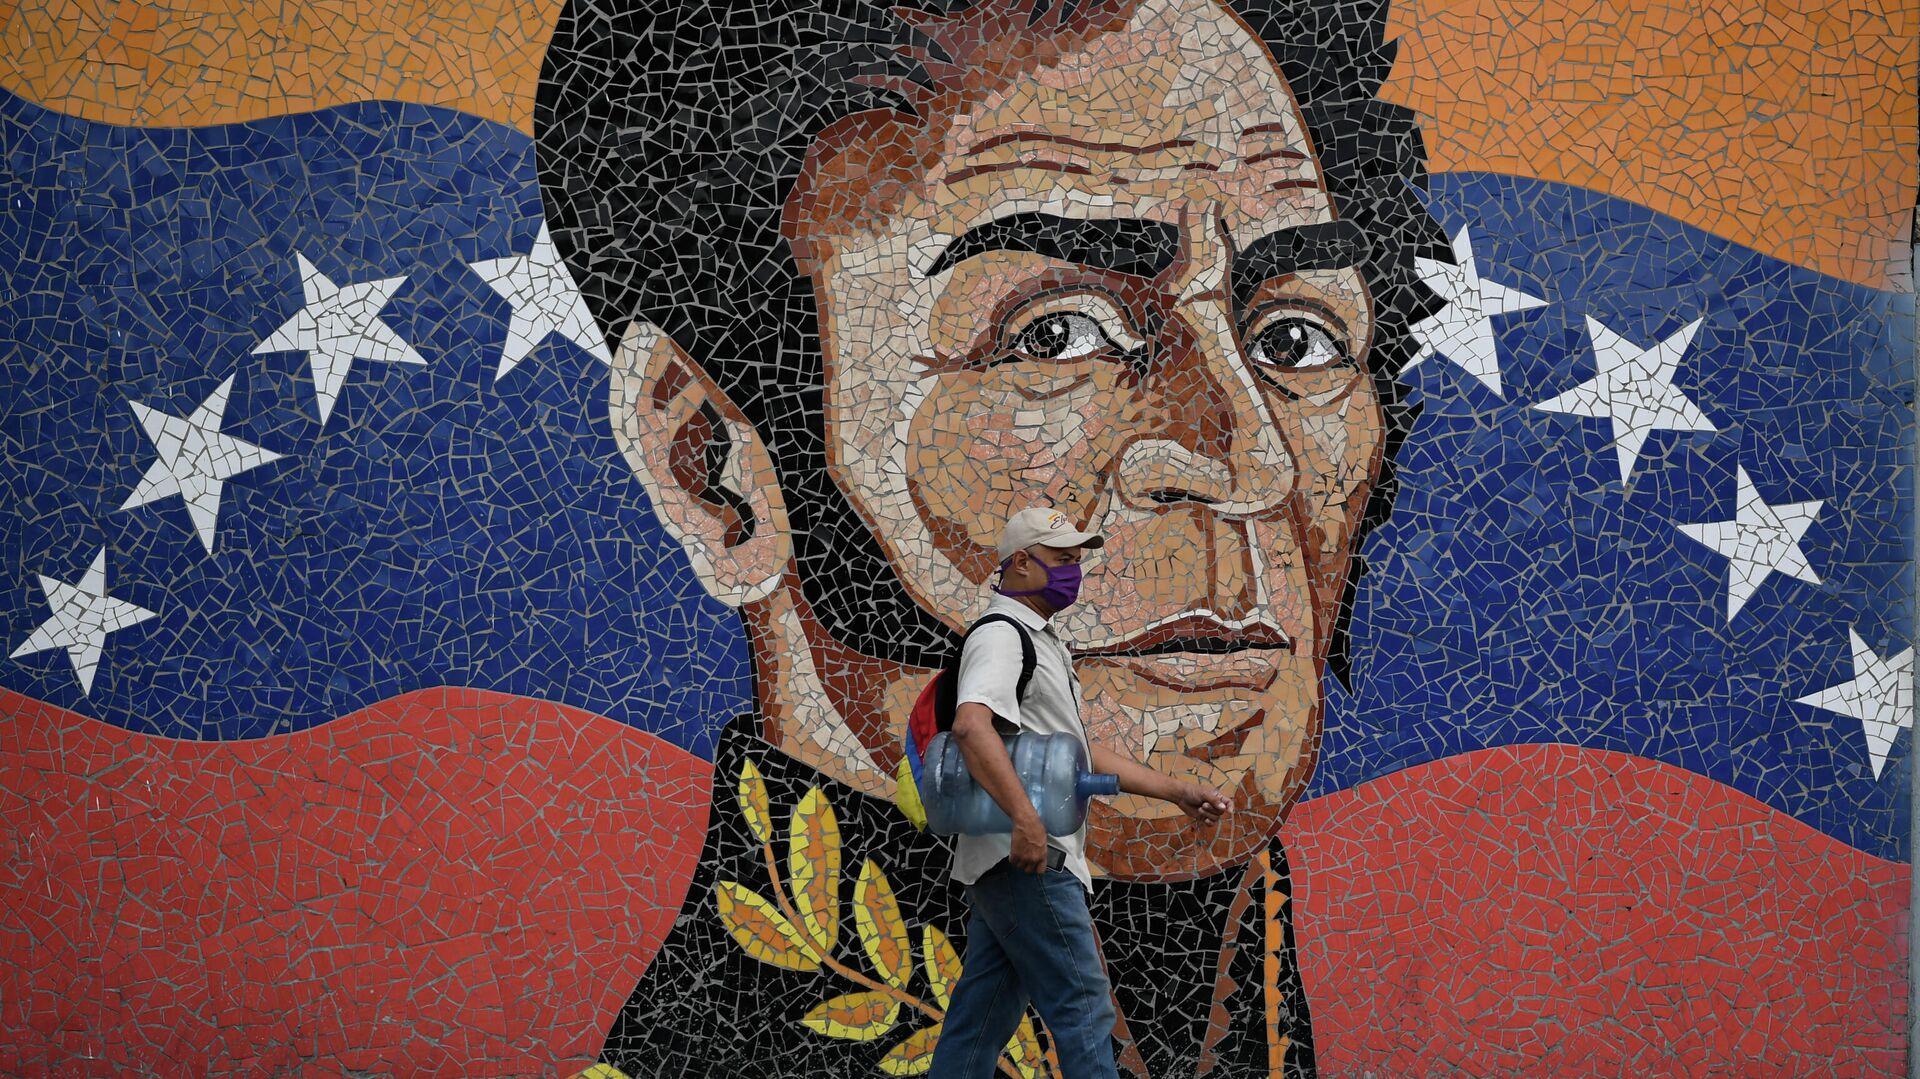 Mosaico de Simón Bolivar, en Caracas, Venezuela - Sputnik Mundo, 1920, 04.03.2021